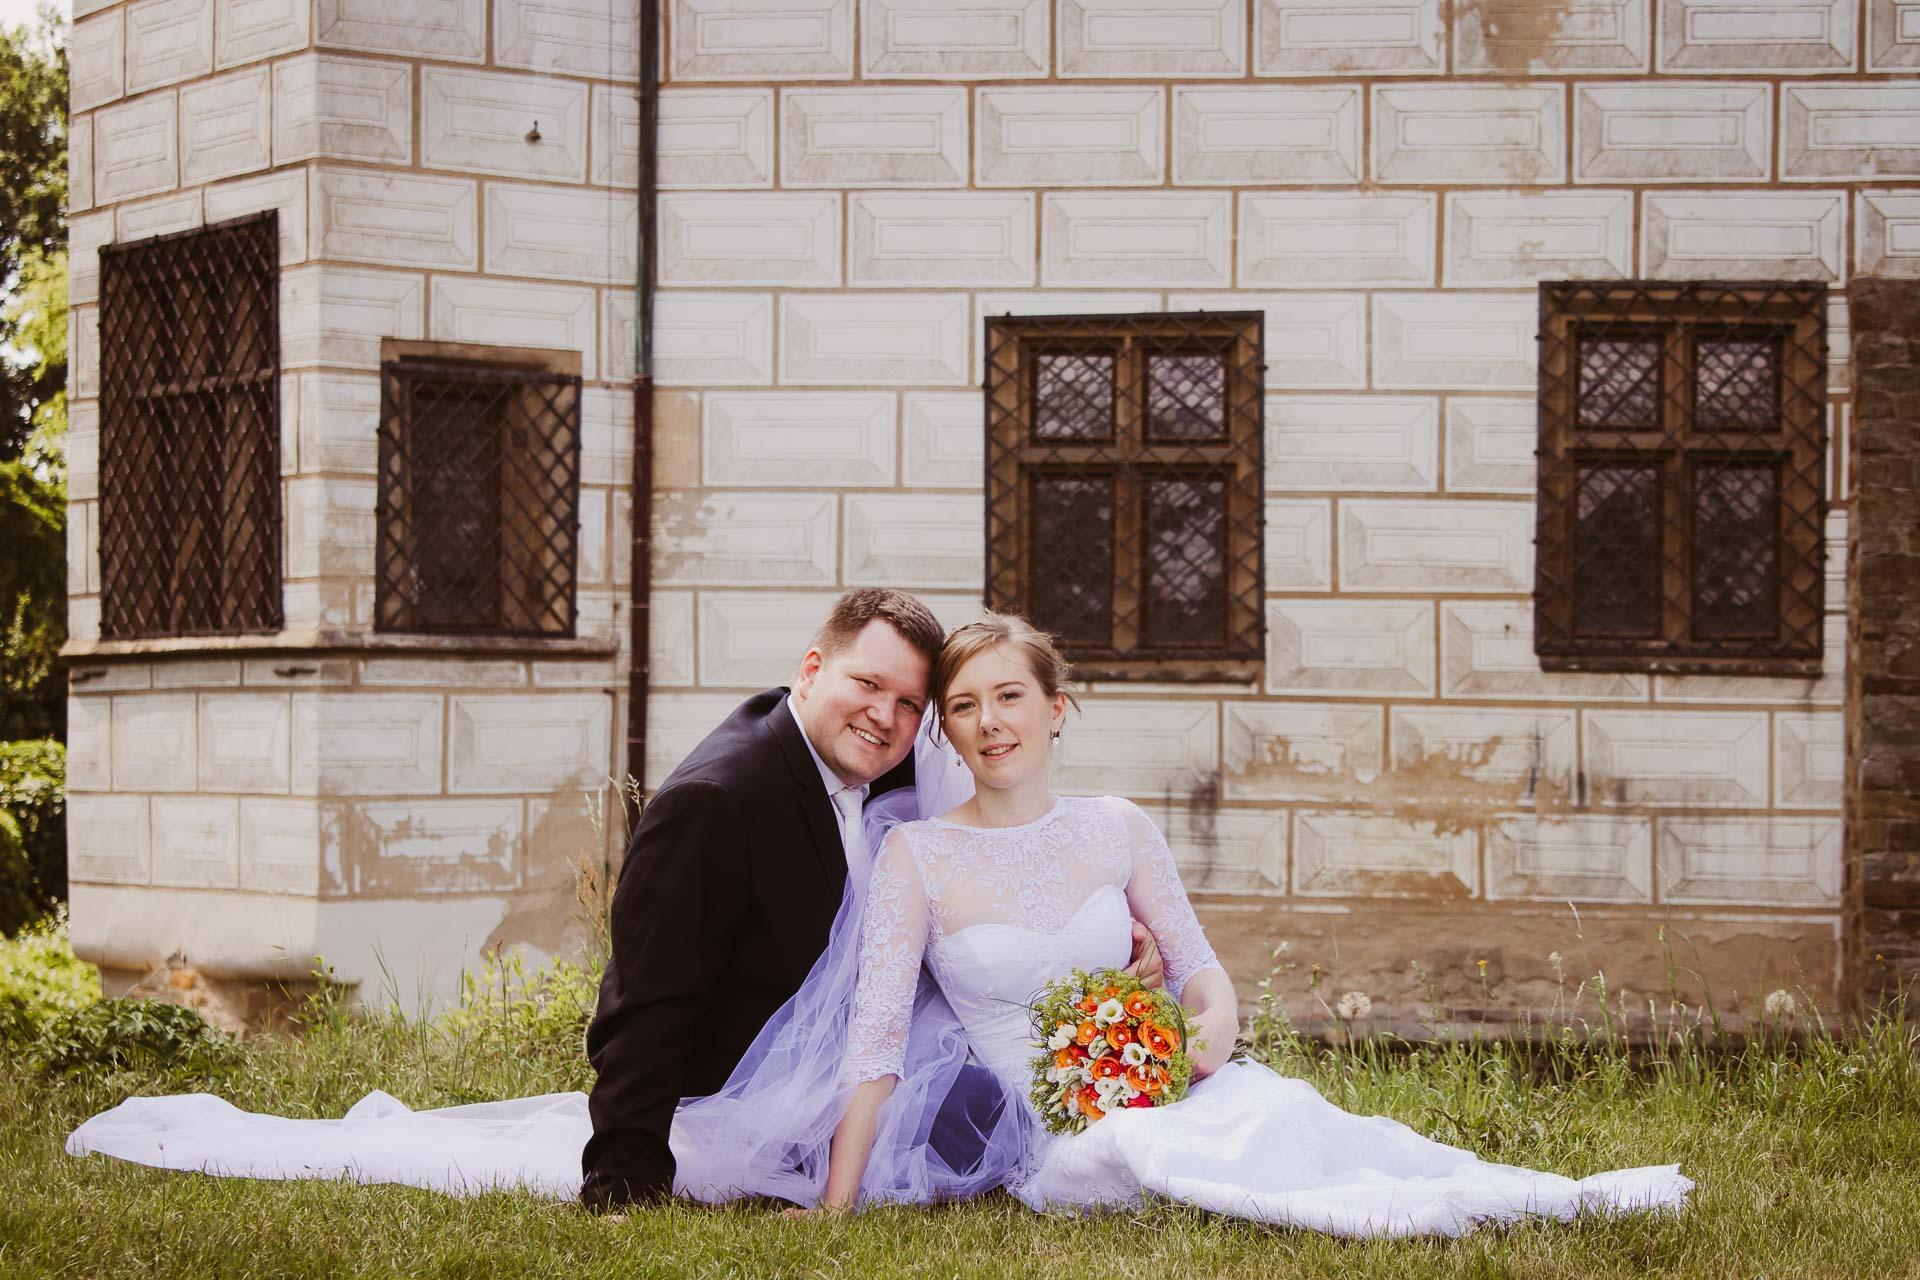 svatební fotograf Lysá nad Labem, penzion Polabí Přerov nad Labem, letní svatba-238